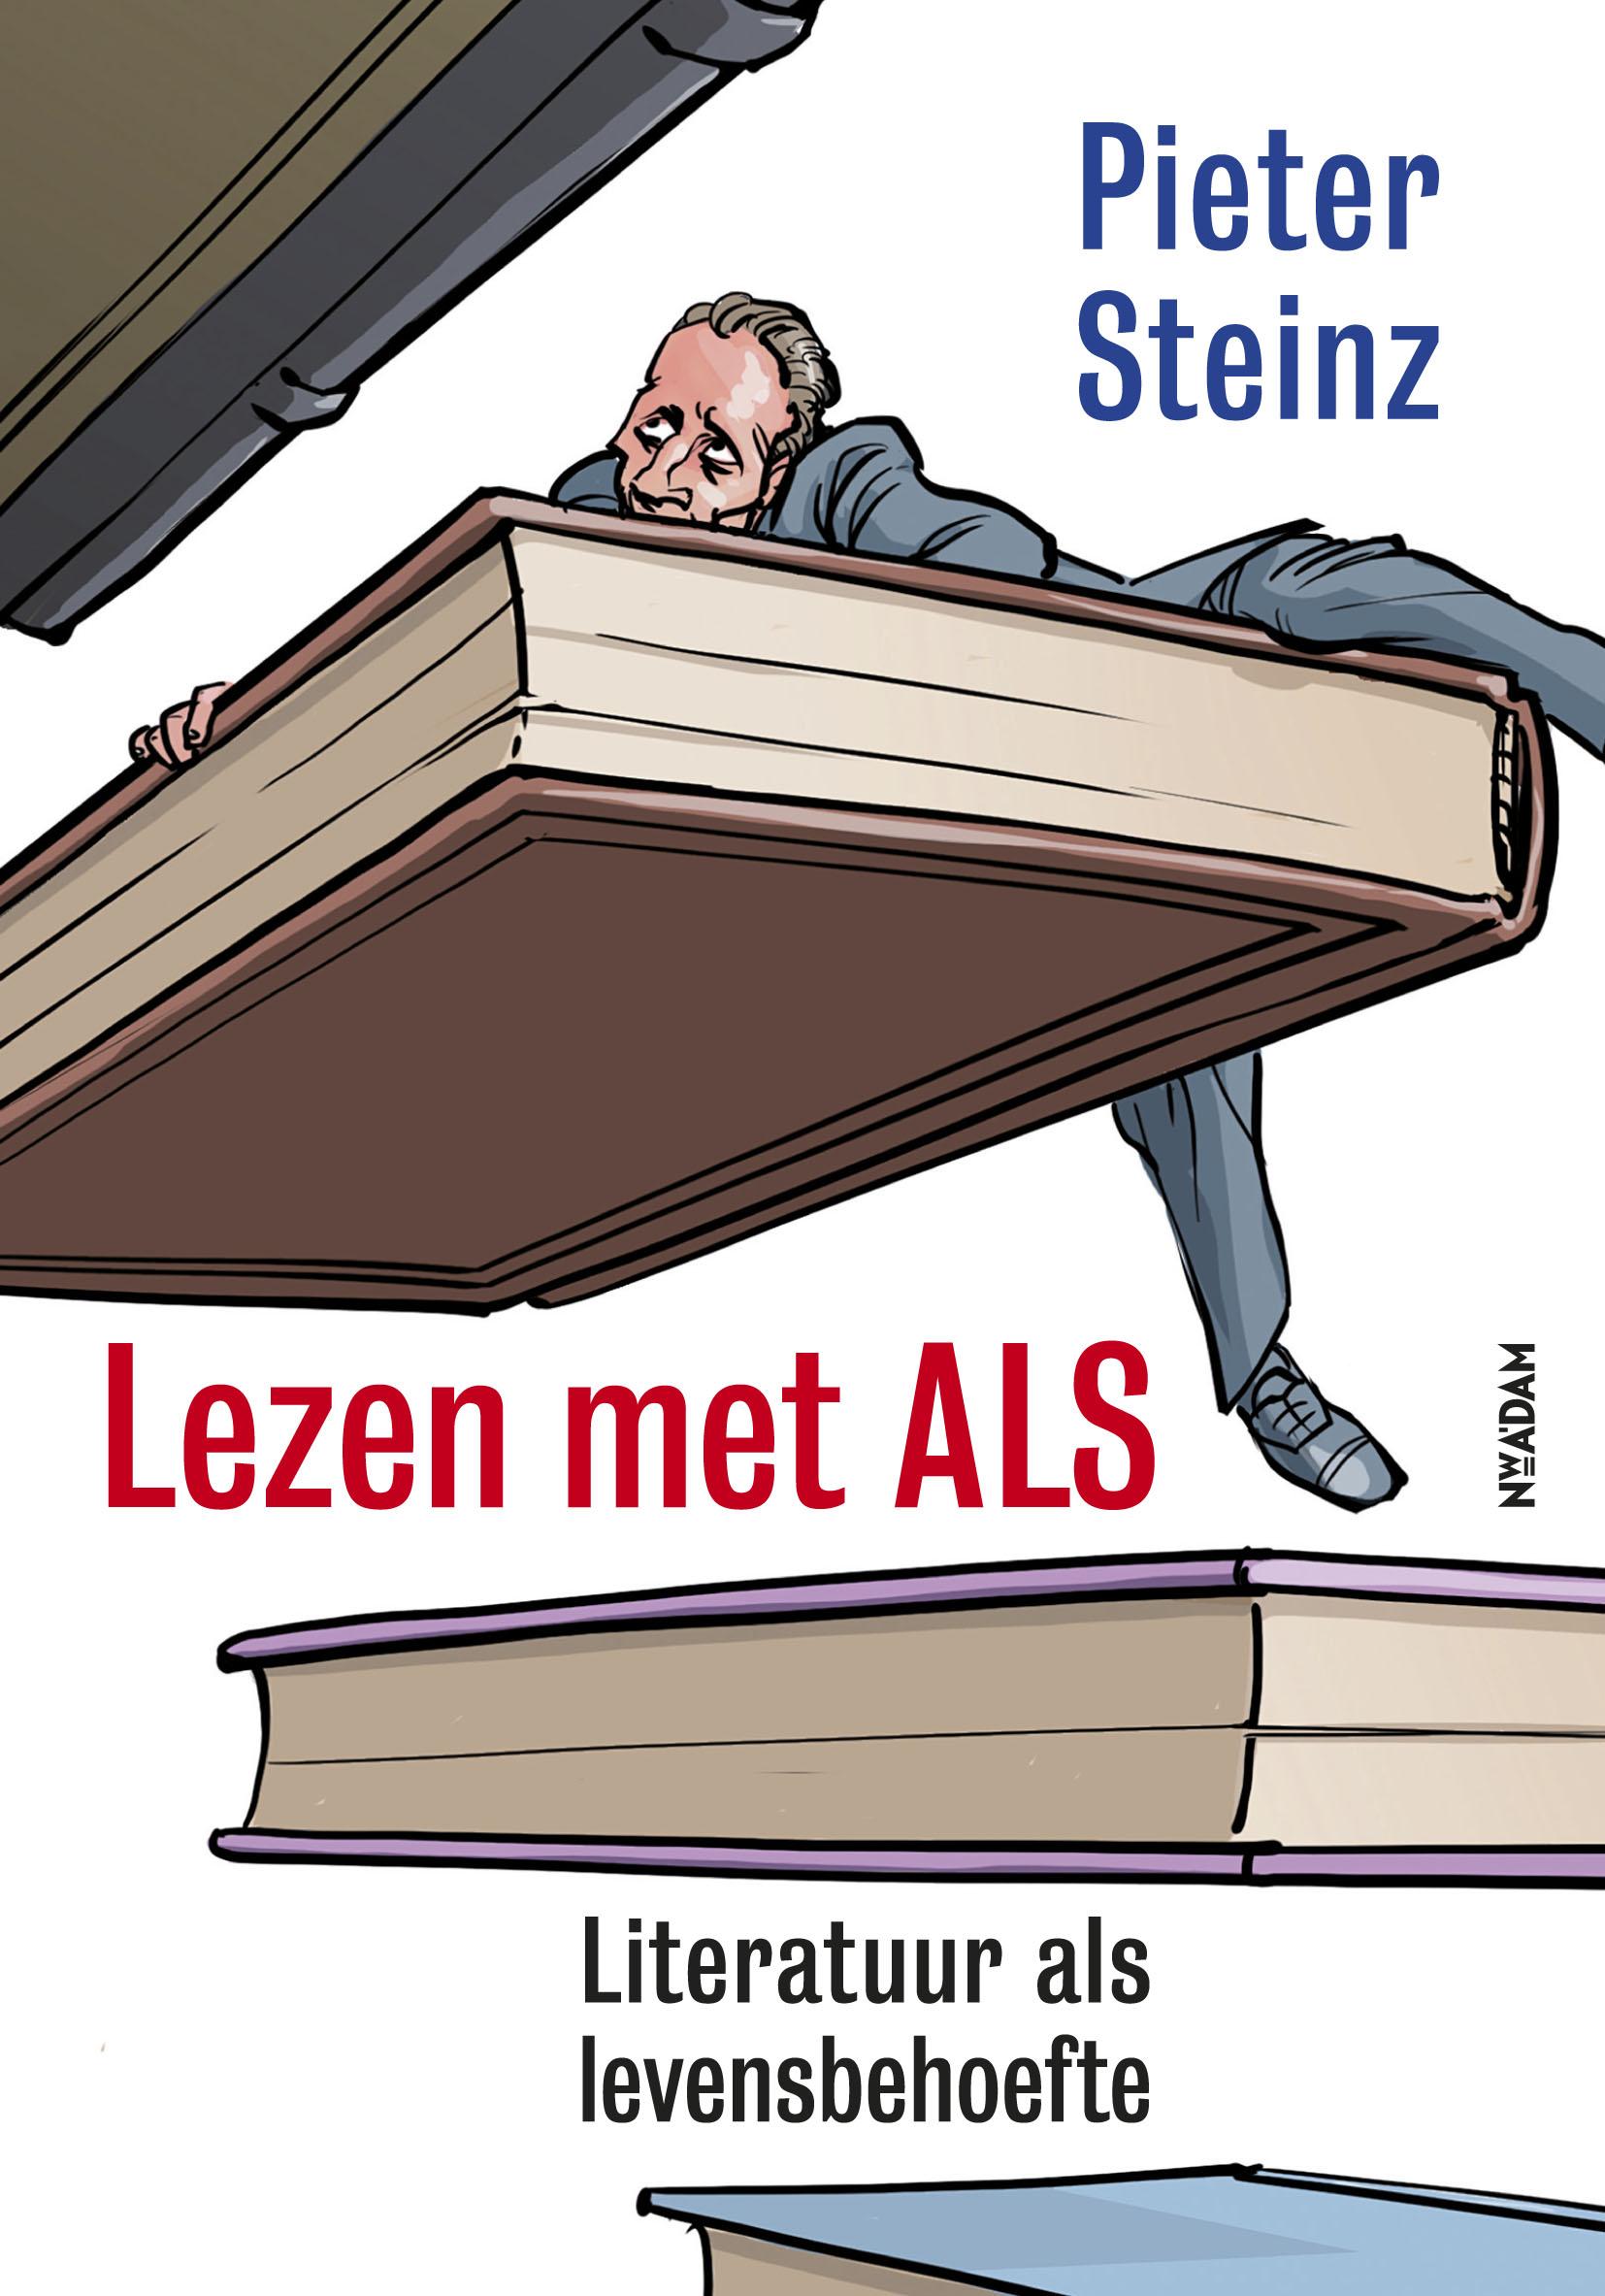 Lezen met ALS - boekrecensie